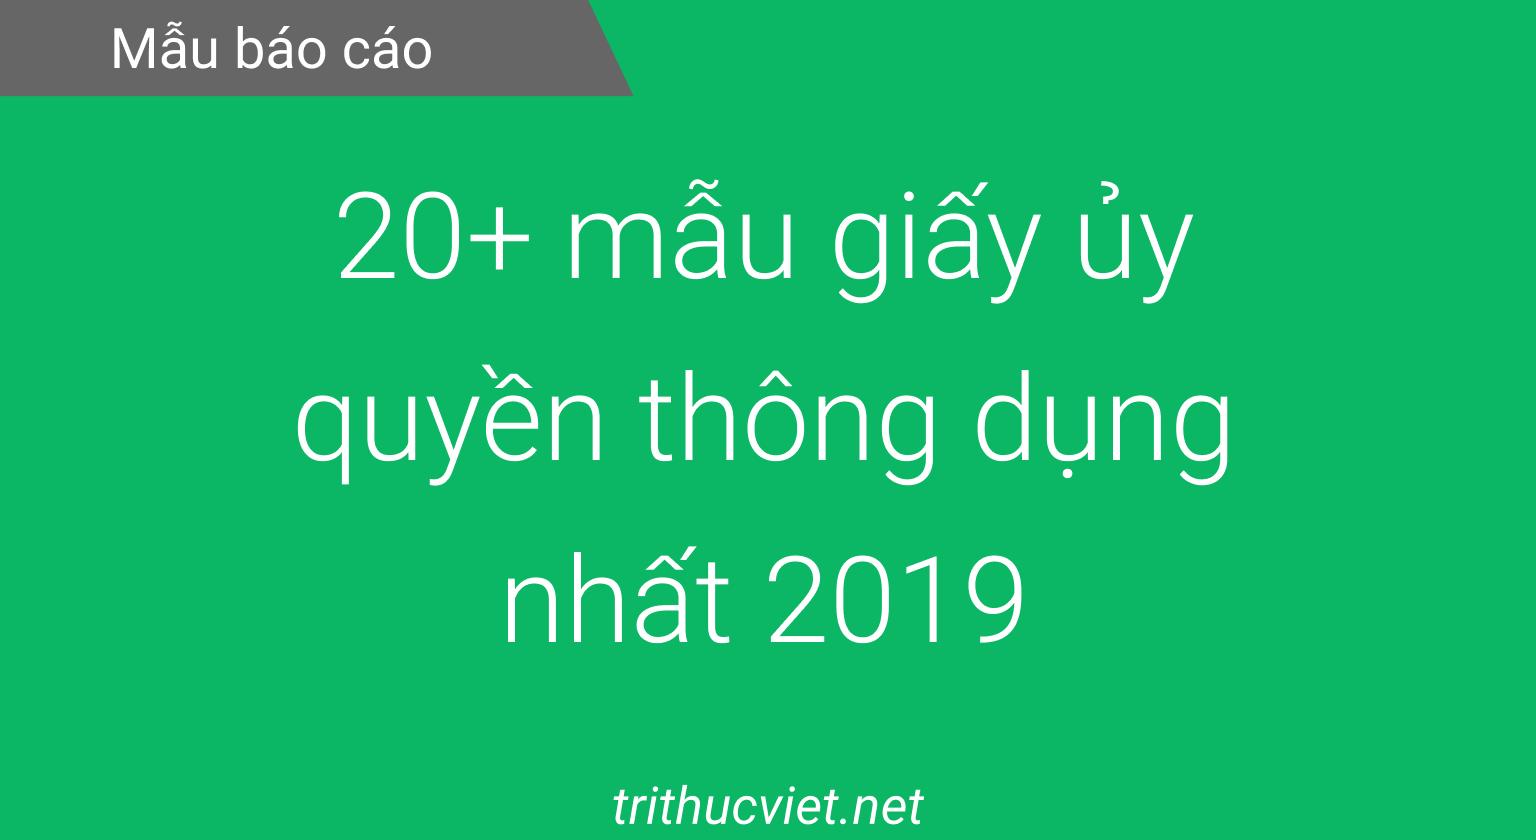 mẫu giấy ủy quyền 2019